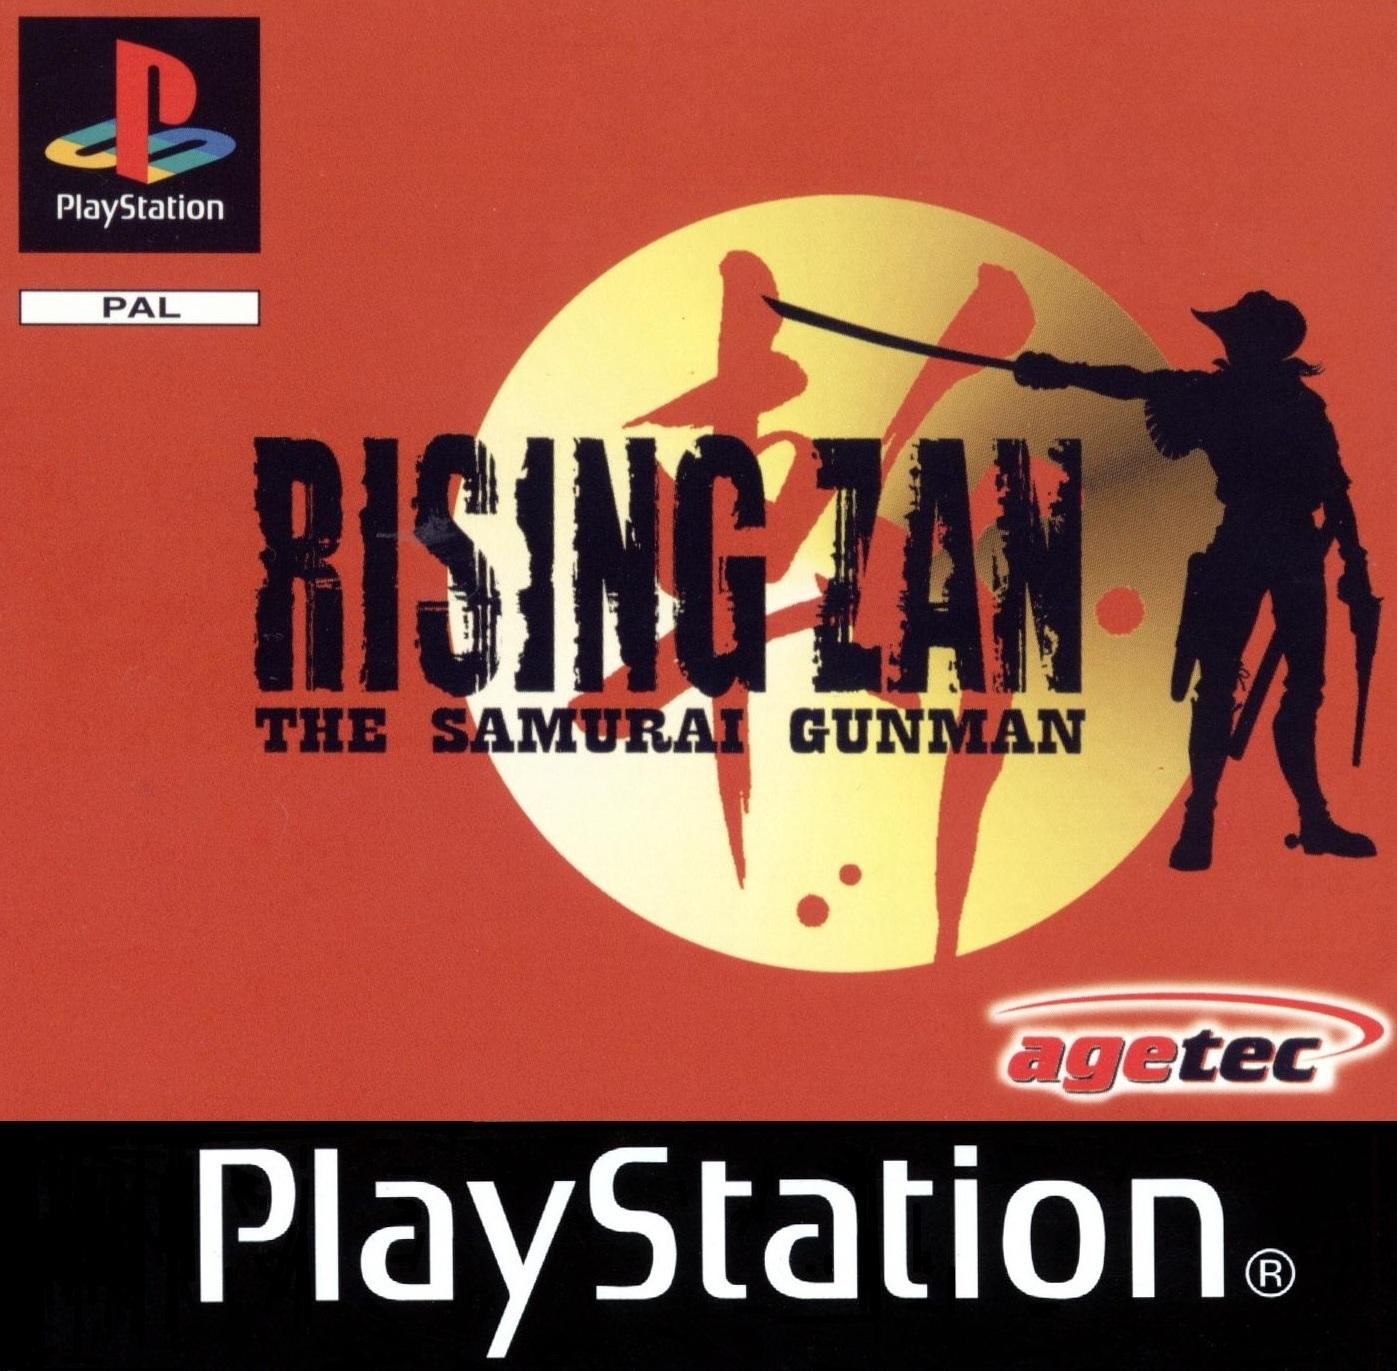 Rising+Zan+The+Samurai+Gunman.jpg